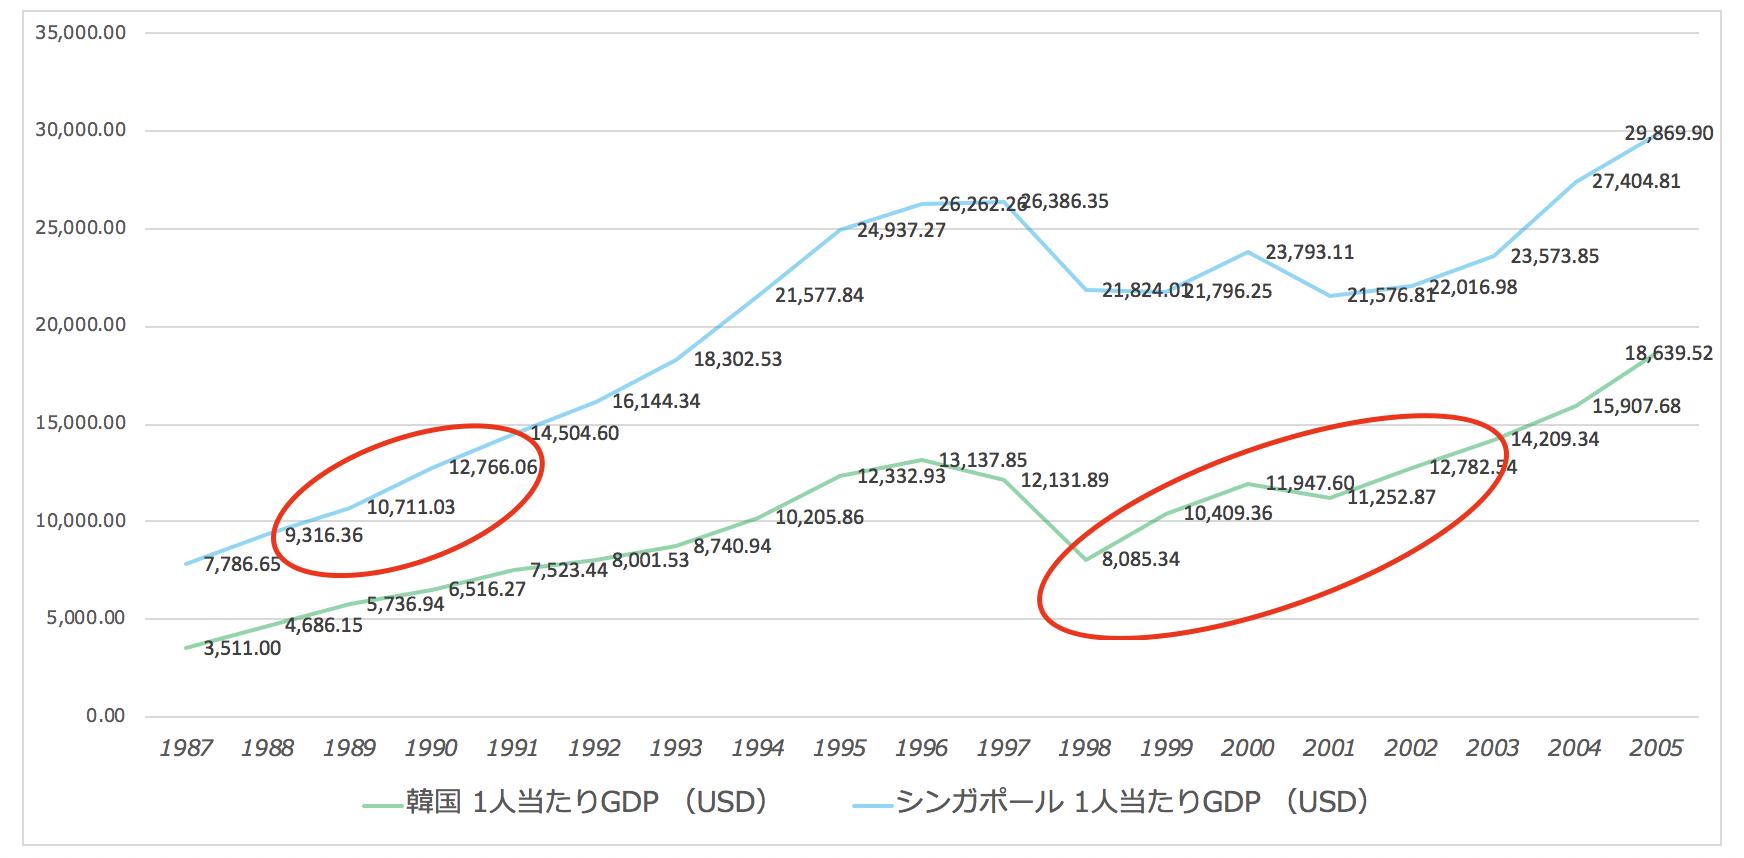 中所得国の罠(韓国とシンガポール)